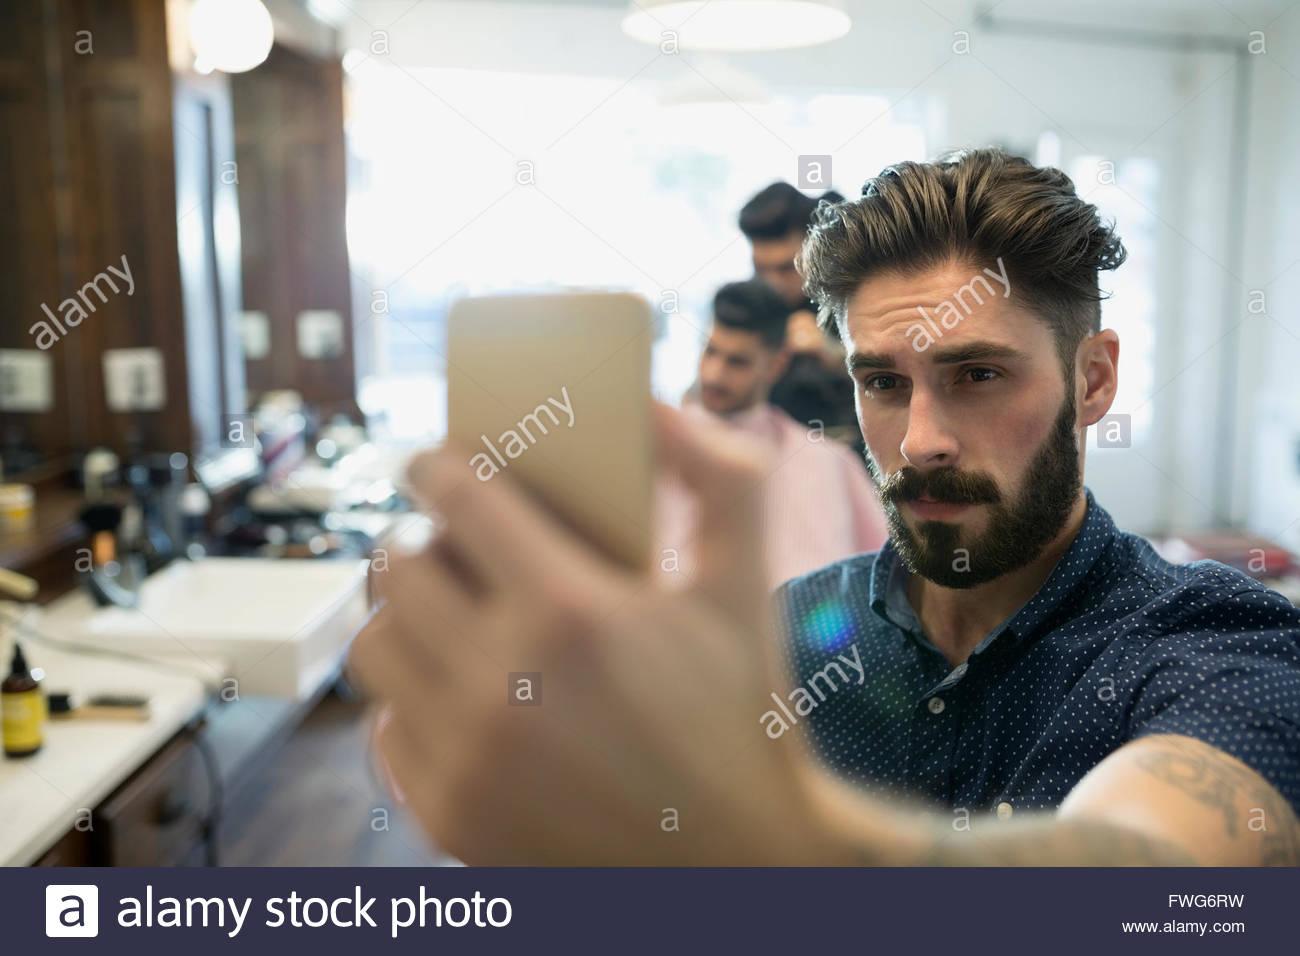 Uomo Barbuto prendendo selfie Barber shop Immagini Stock